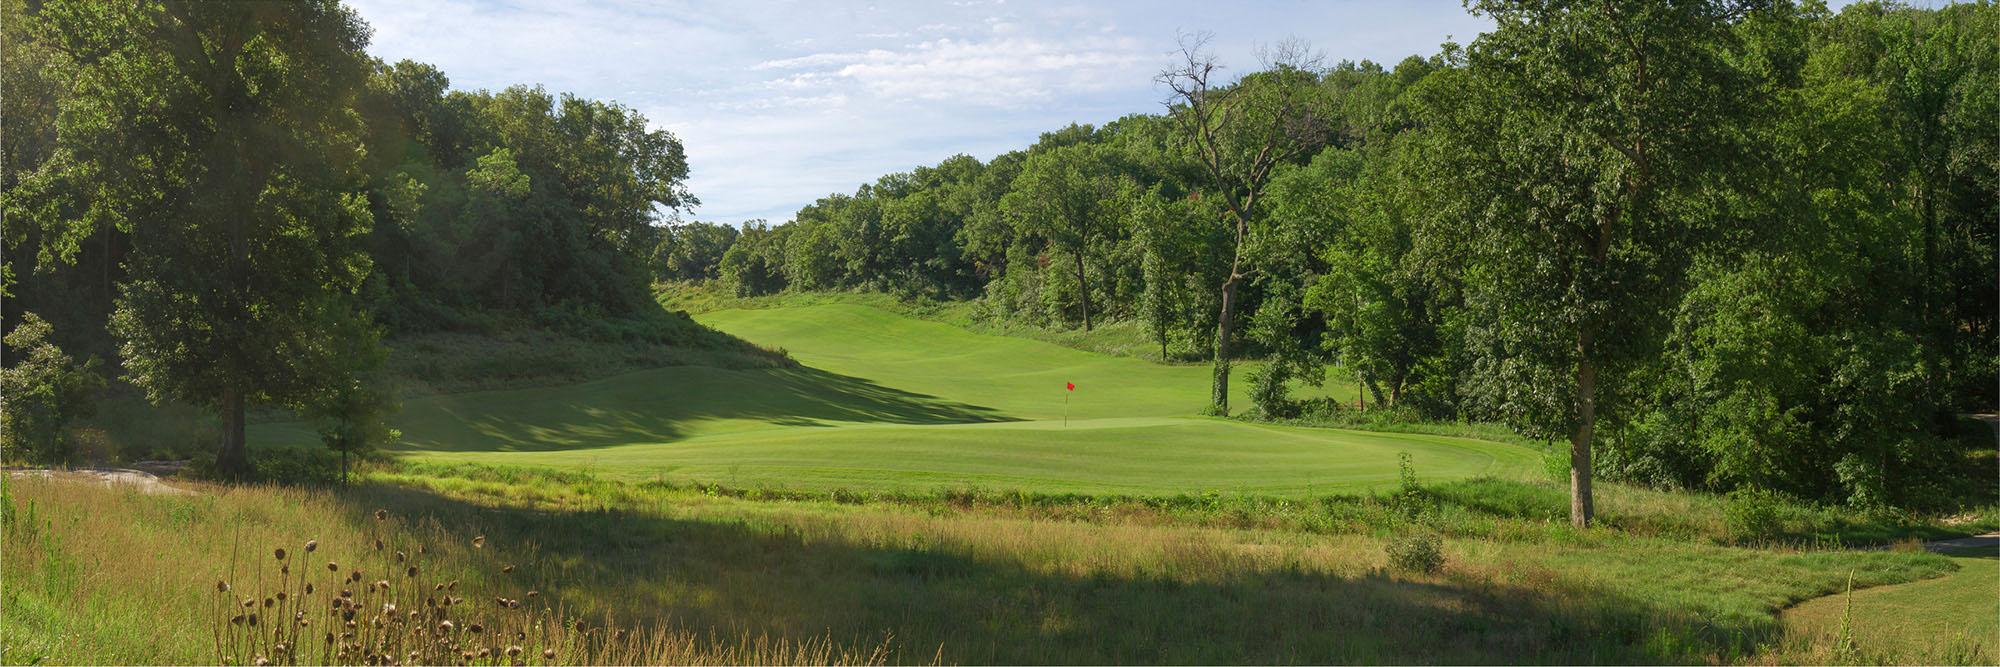 Golf Course Image - Patriot No. 14